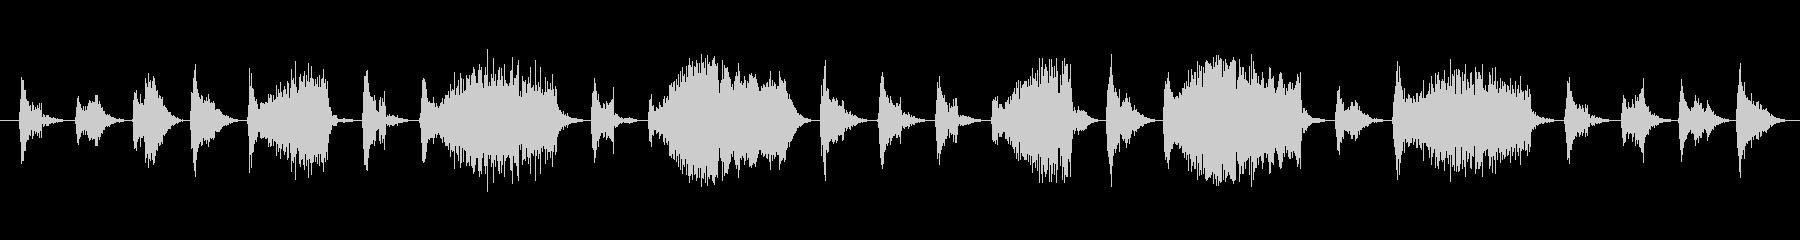 シーケンス クレイジーノイズパーカ...の未再生の波形